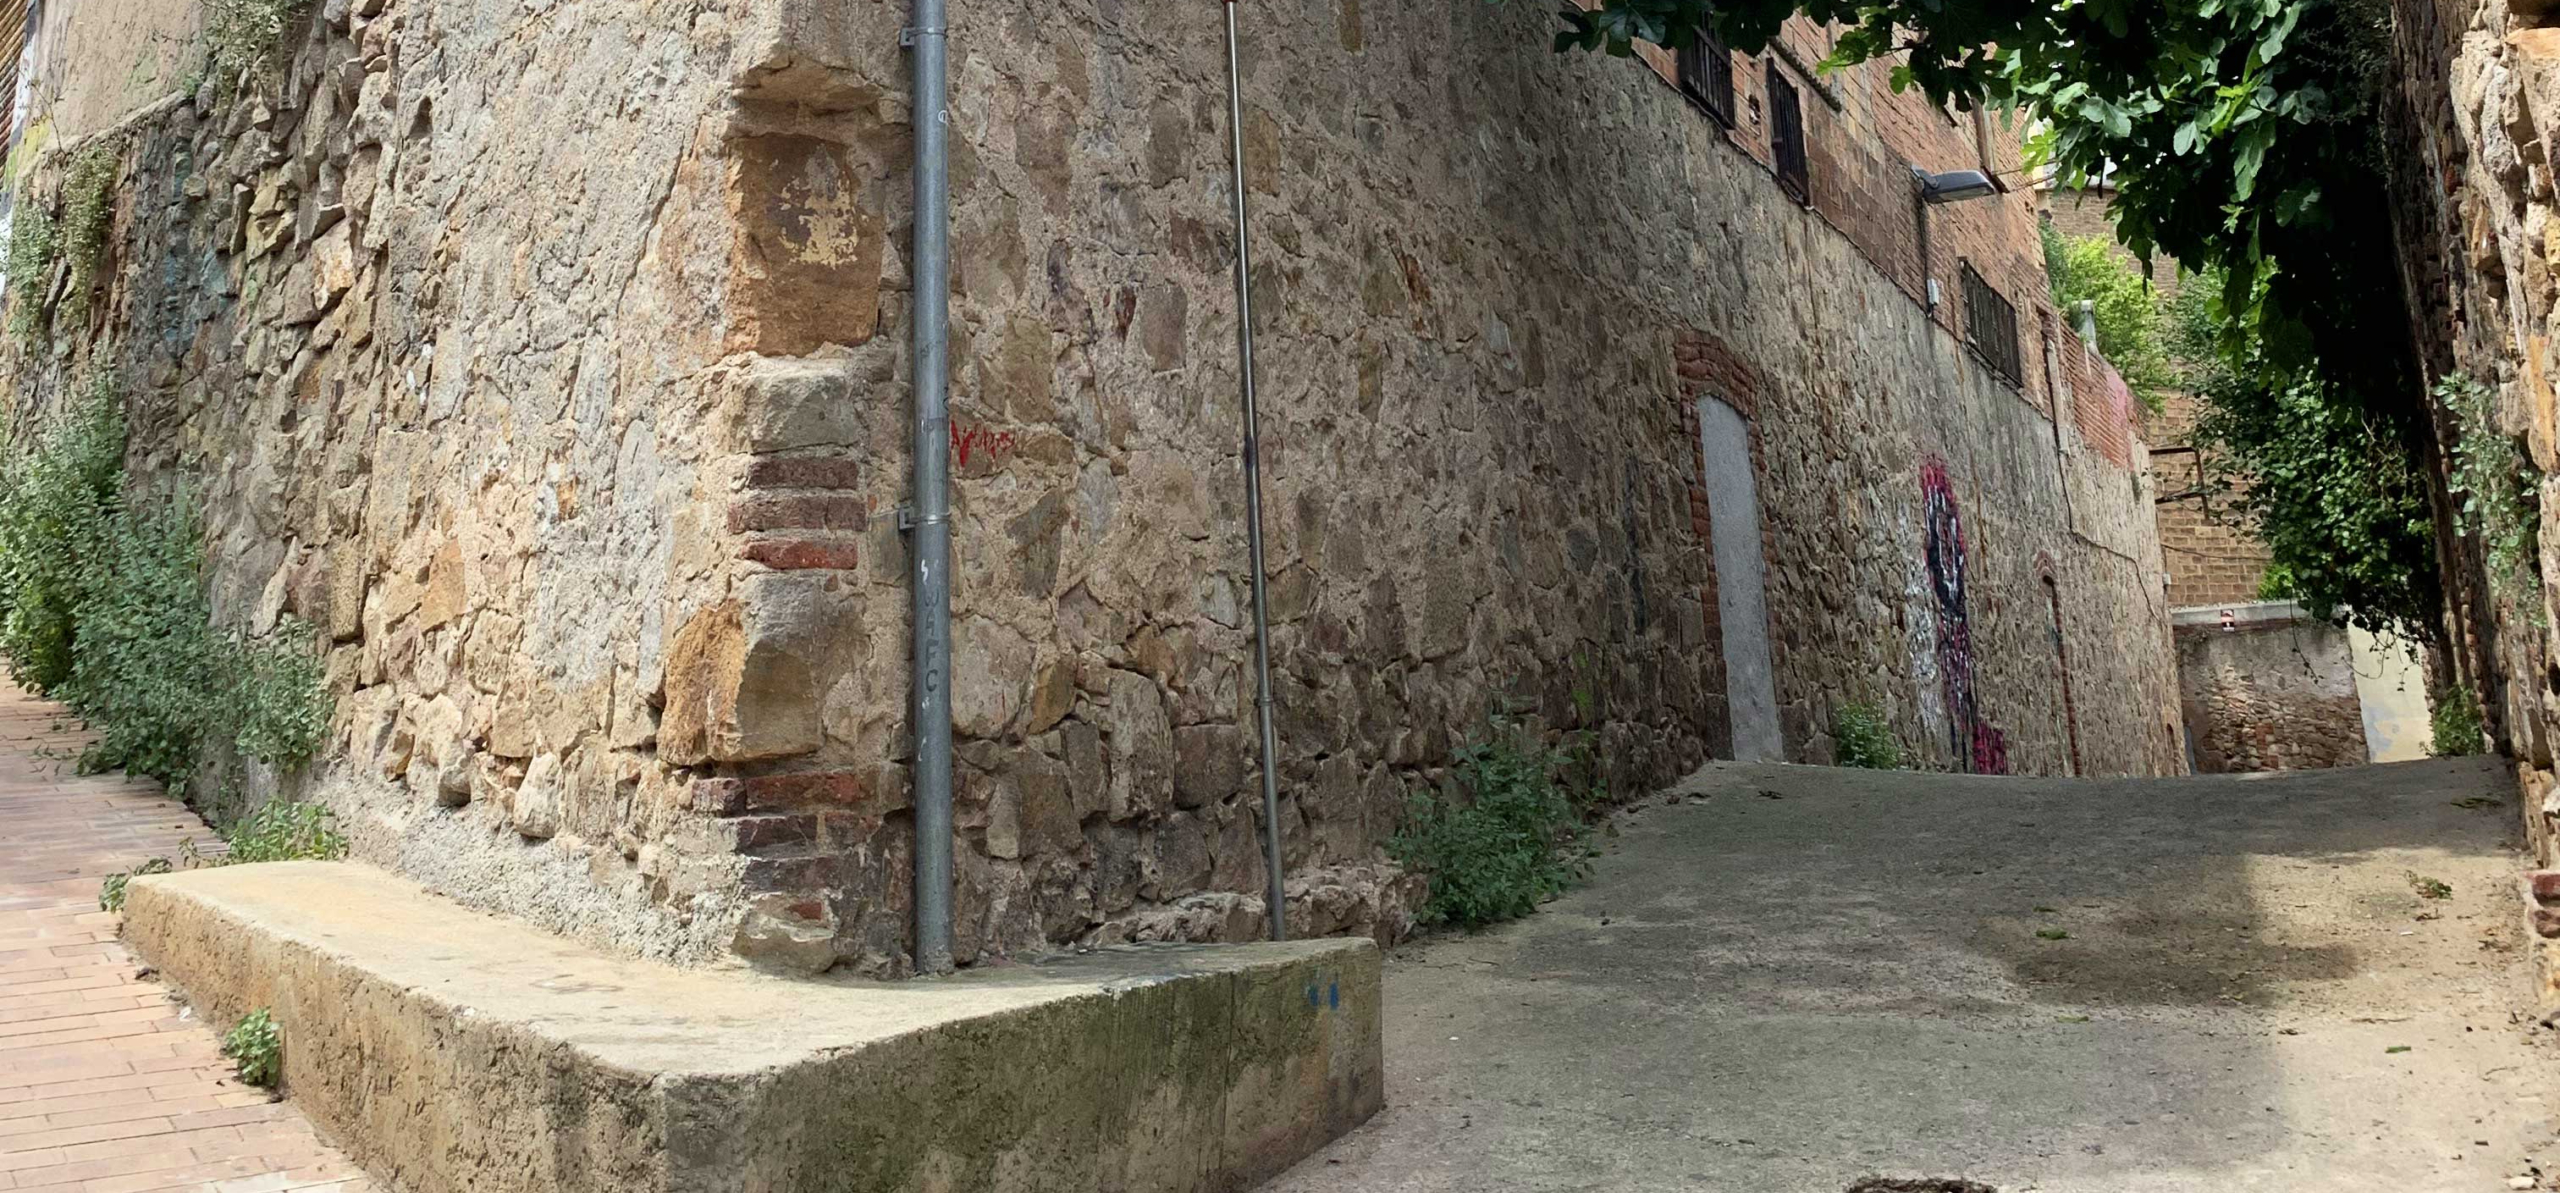 L'antic camí de València, al Poble-sec, on s'ha enderrocat un mur medieval / @Bcnsingular